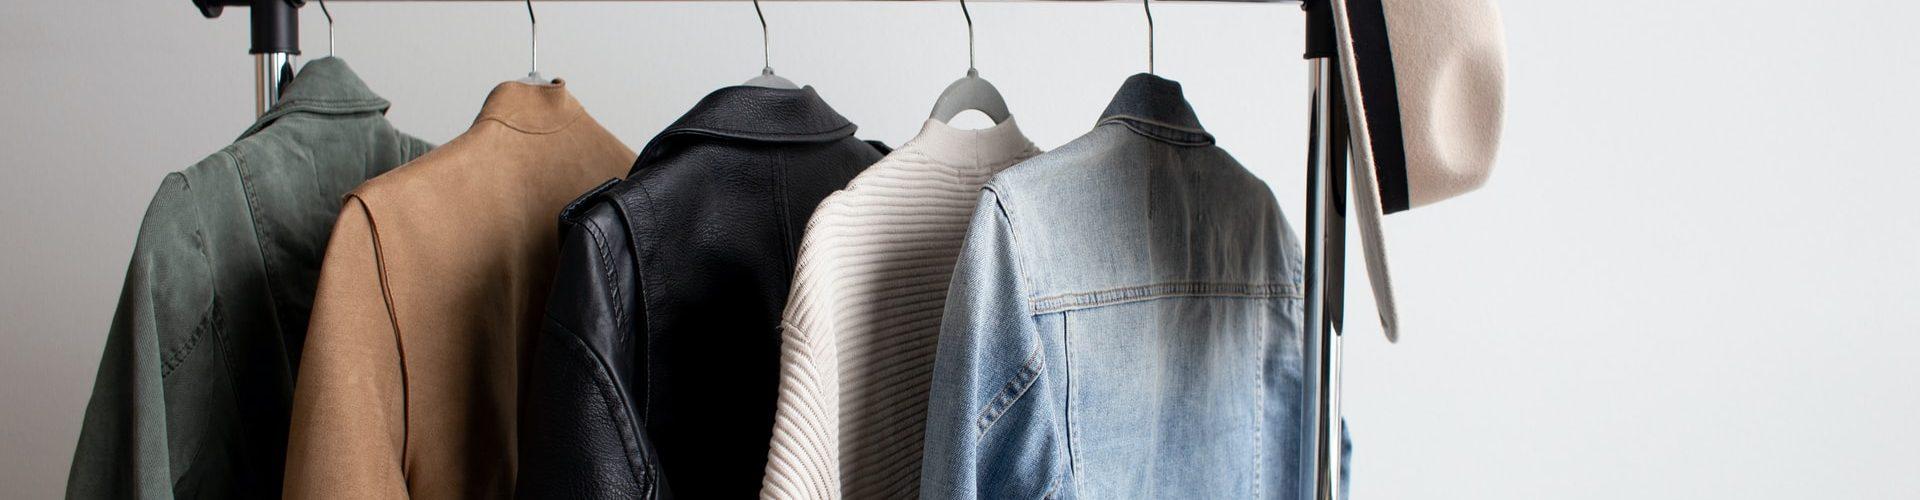 Reciklaža odeće